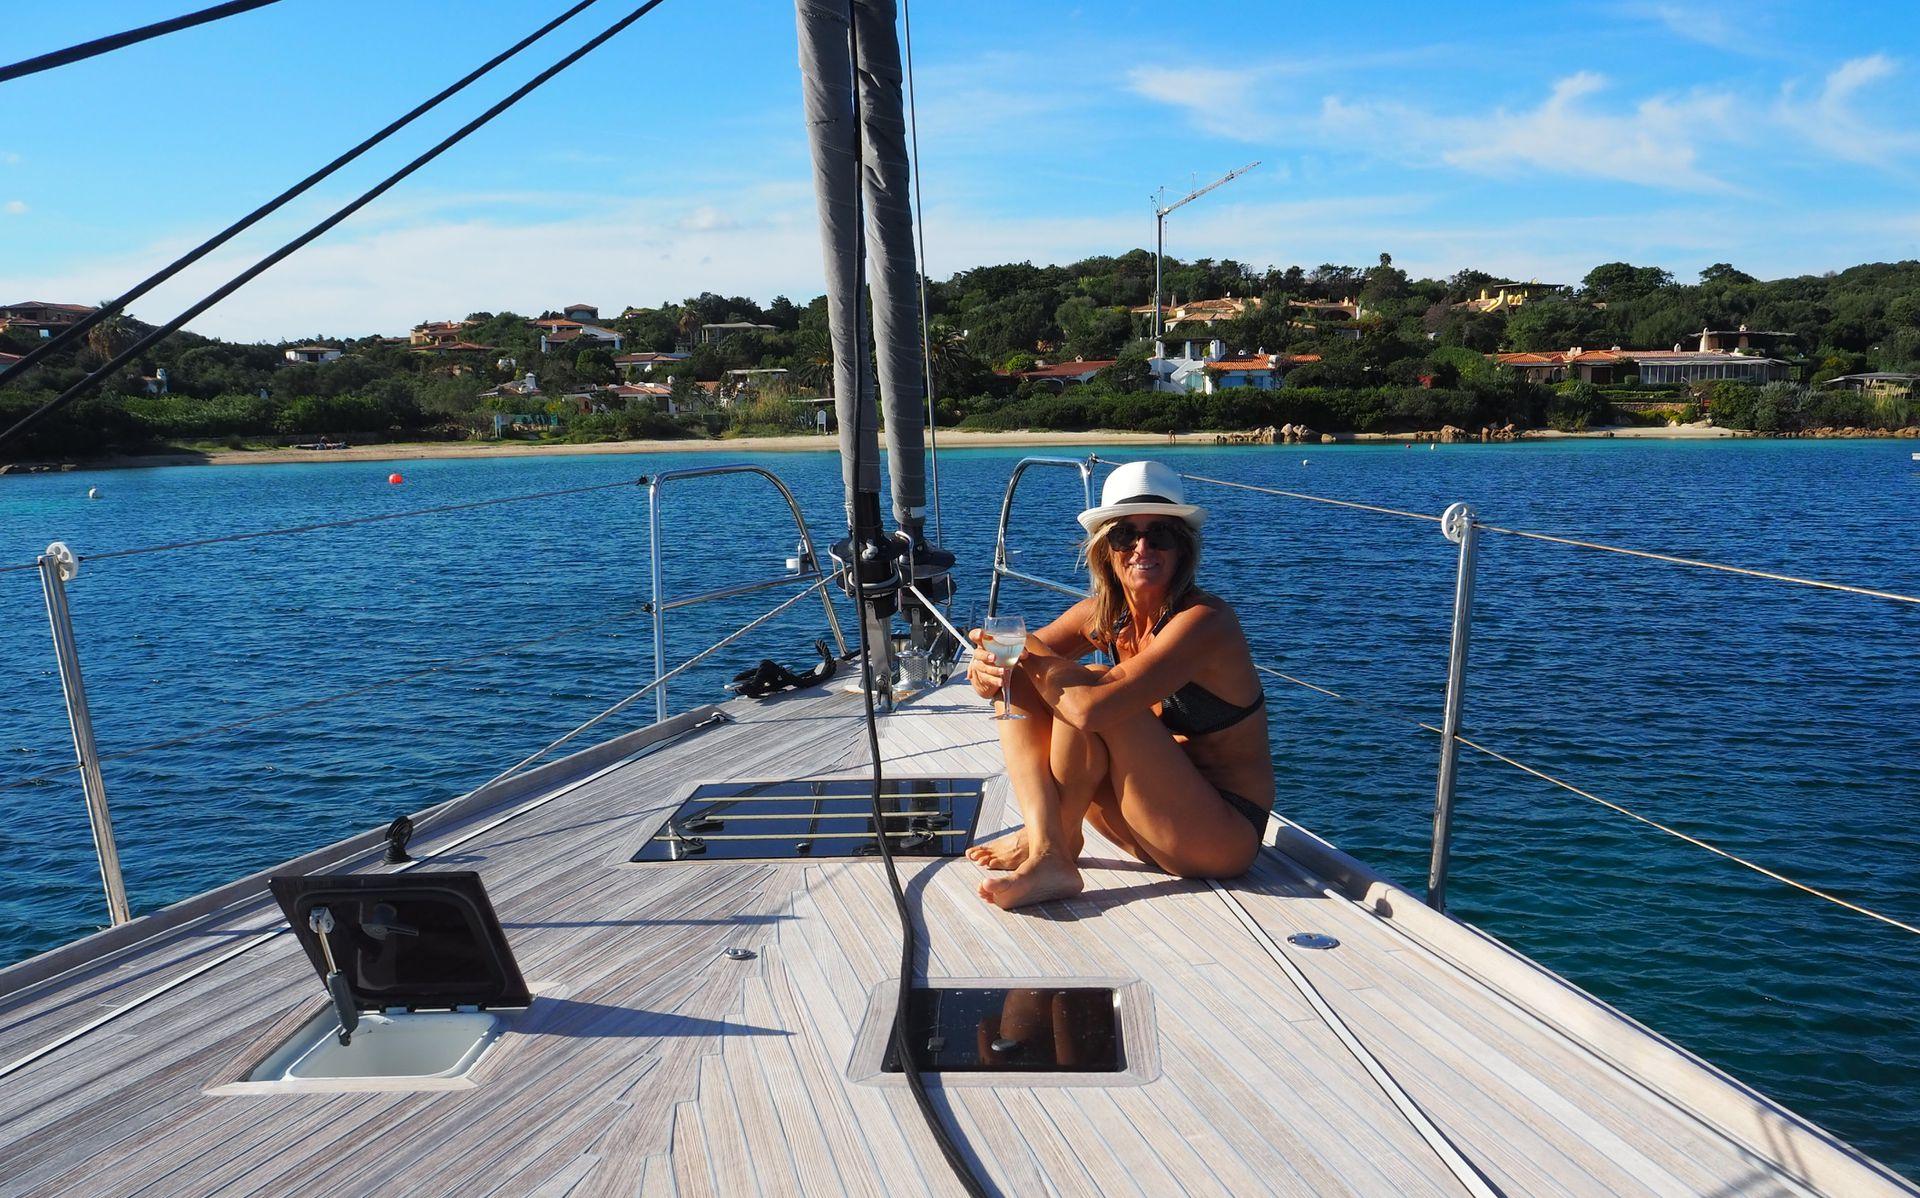 Mercedes Bédère dice que navega desde que tiene memoria. En Buenos Aires lo hizo en el Río de la Plata. Hoy recorre el mundo en un barco junto a su marido.